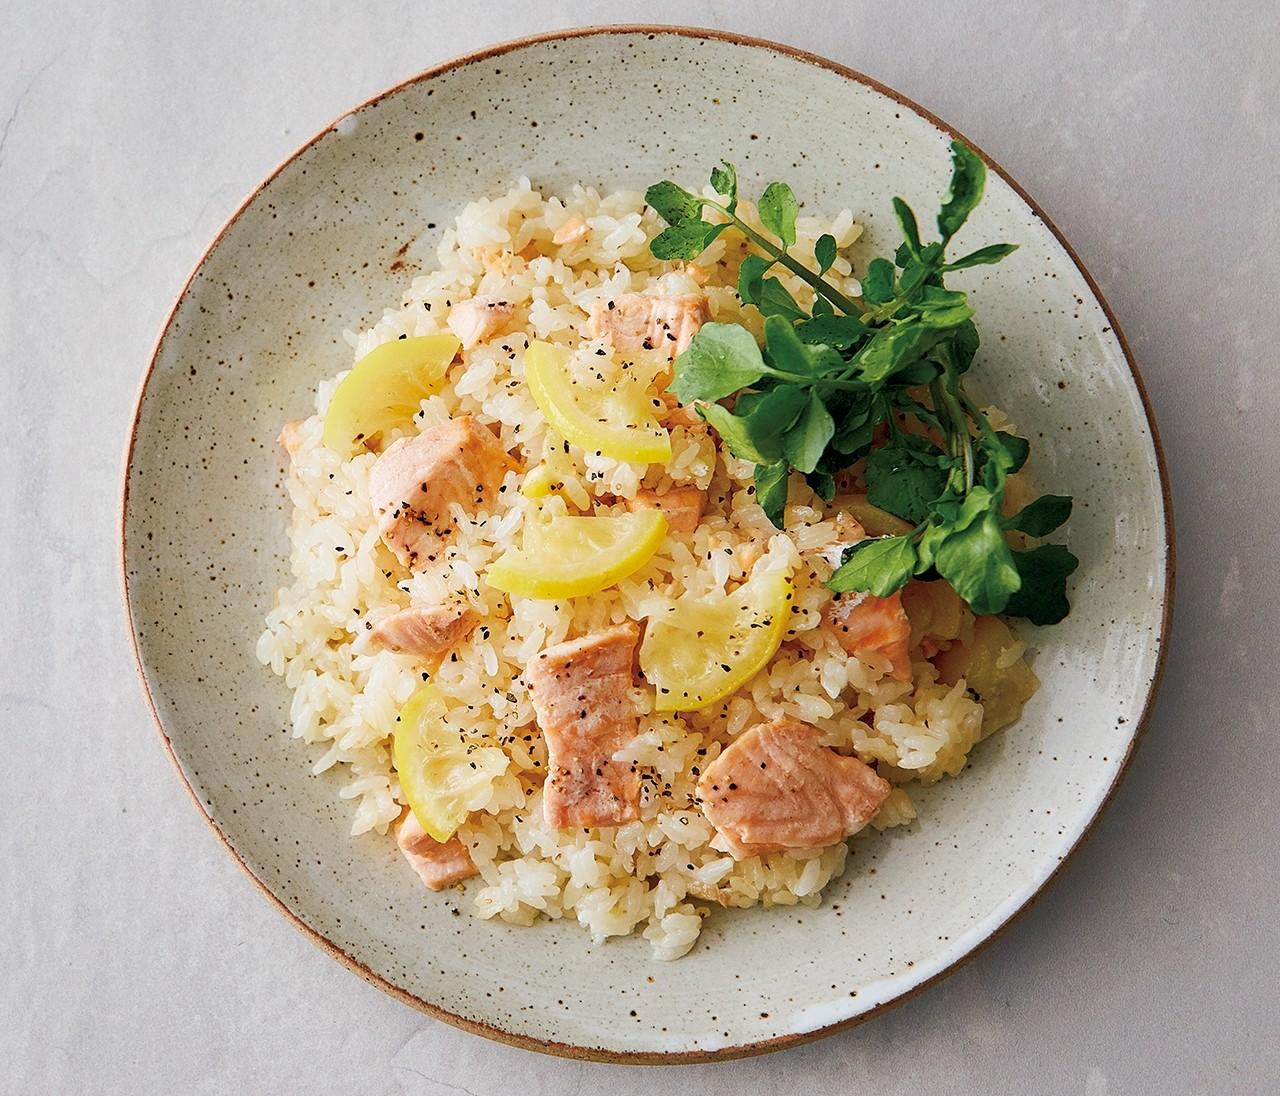 酸味とコクがマッチ!【サーモンとレモン】の炊き込みご飯のレシピ